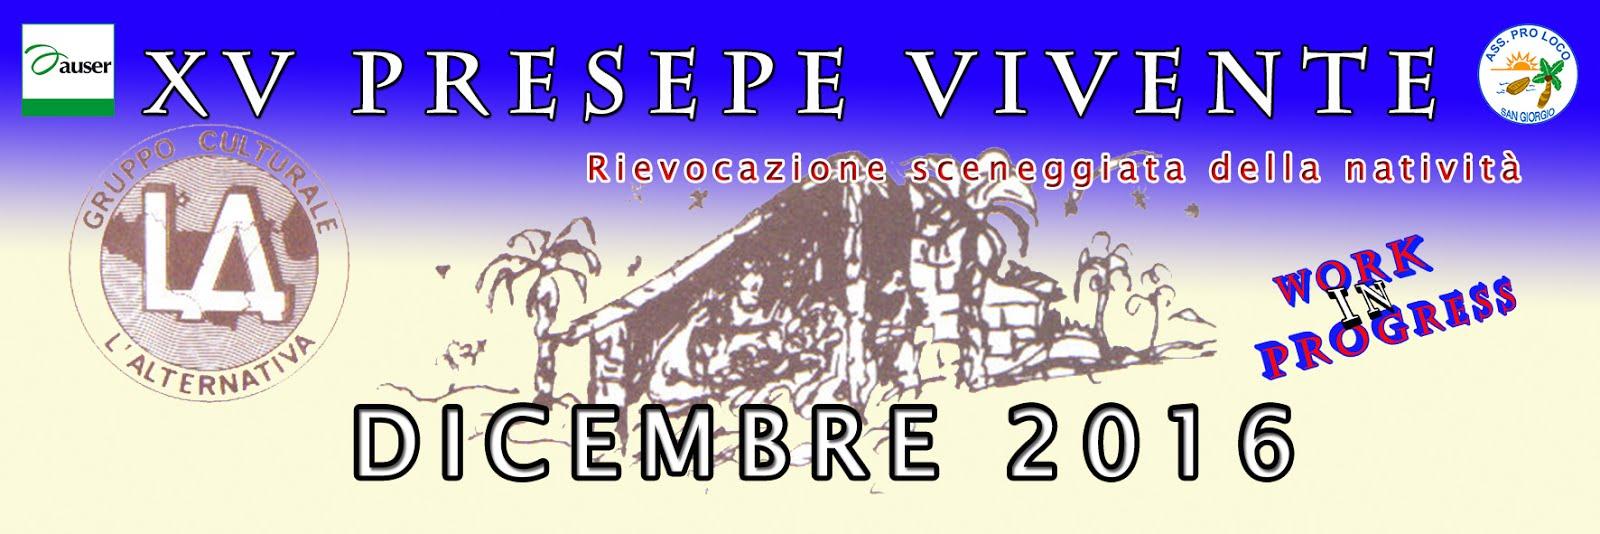 XV PRESEPE VIVENTE